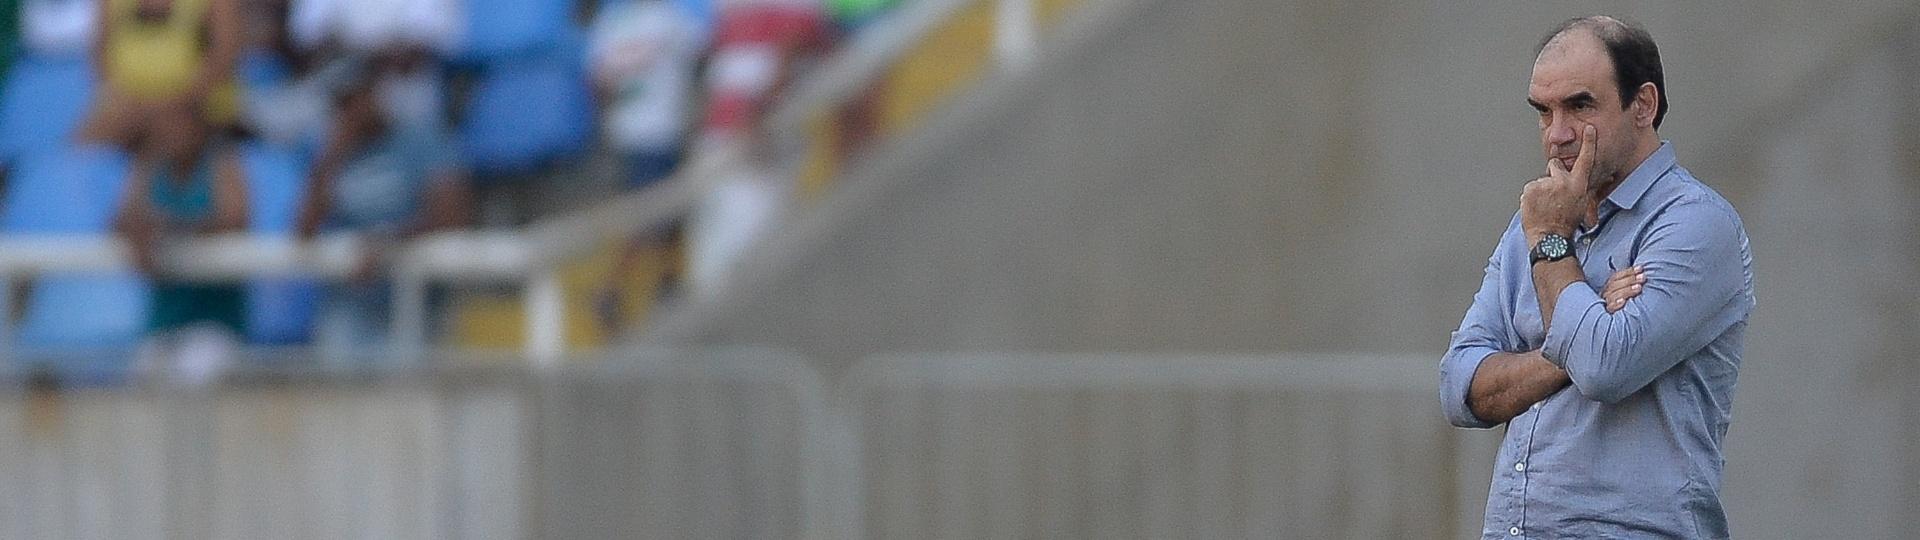 01.ago.2015 - Ricardo Gomes observa o time do Botafogo em ação contra o Luverdense na sua estreia como técnico da equipe carioca